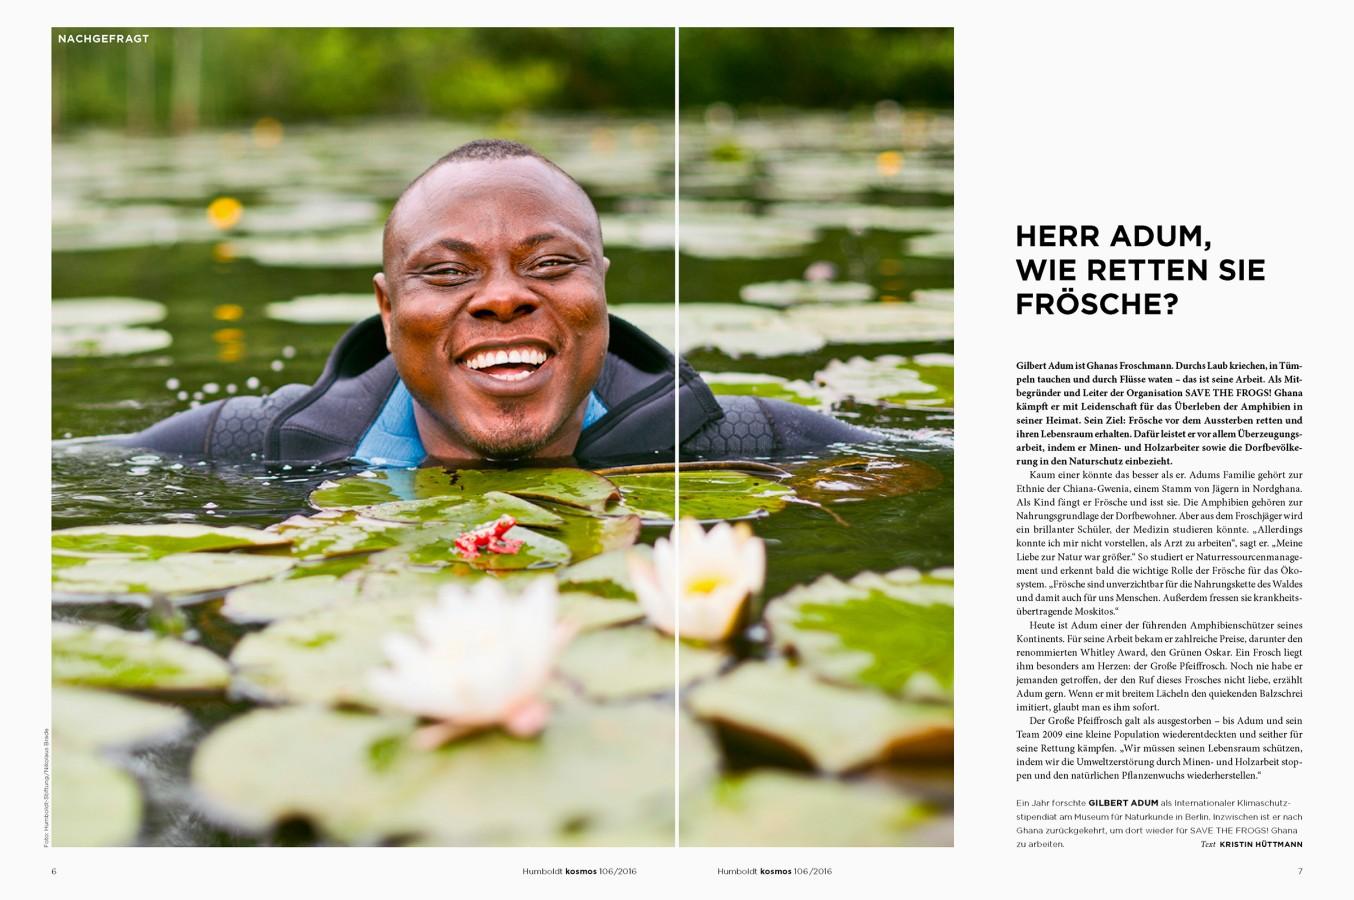 Gilbert Adum in a River near Berlin by Nikolaus Brade.